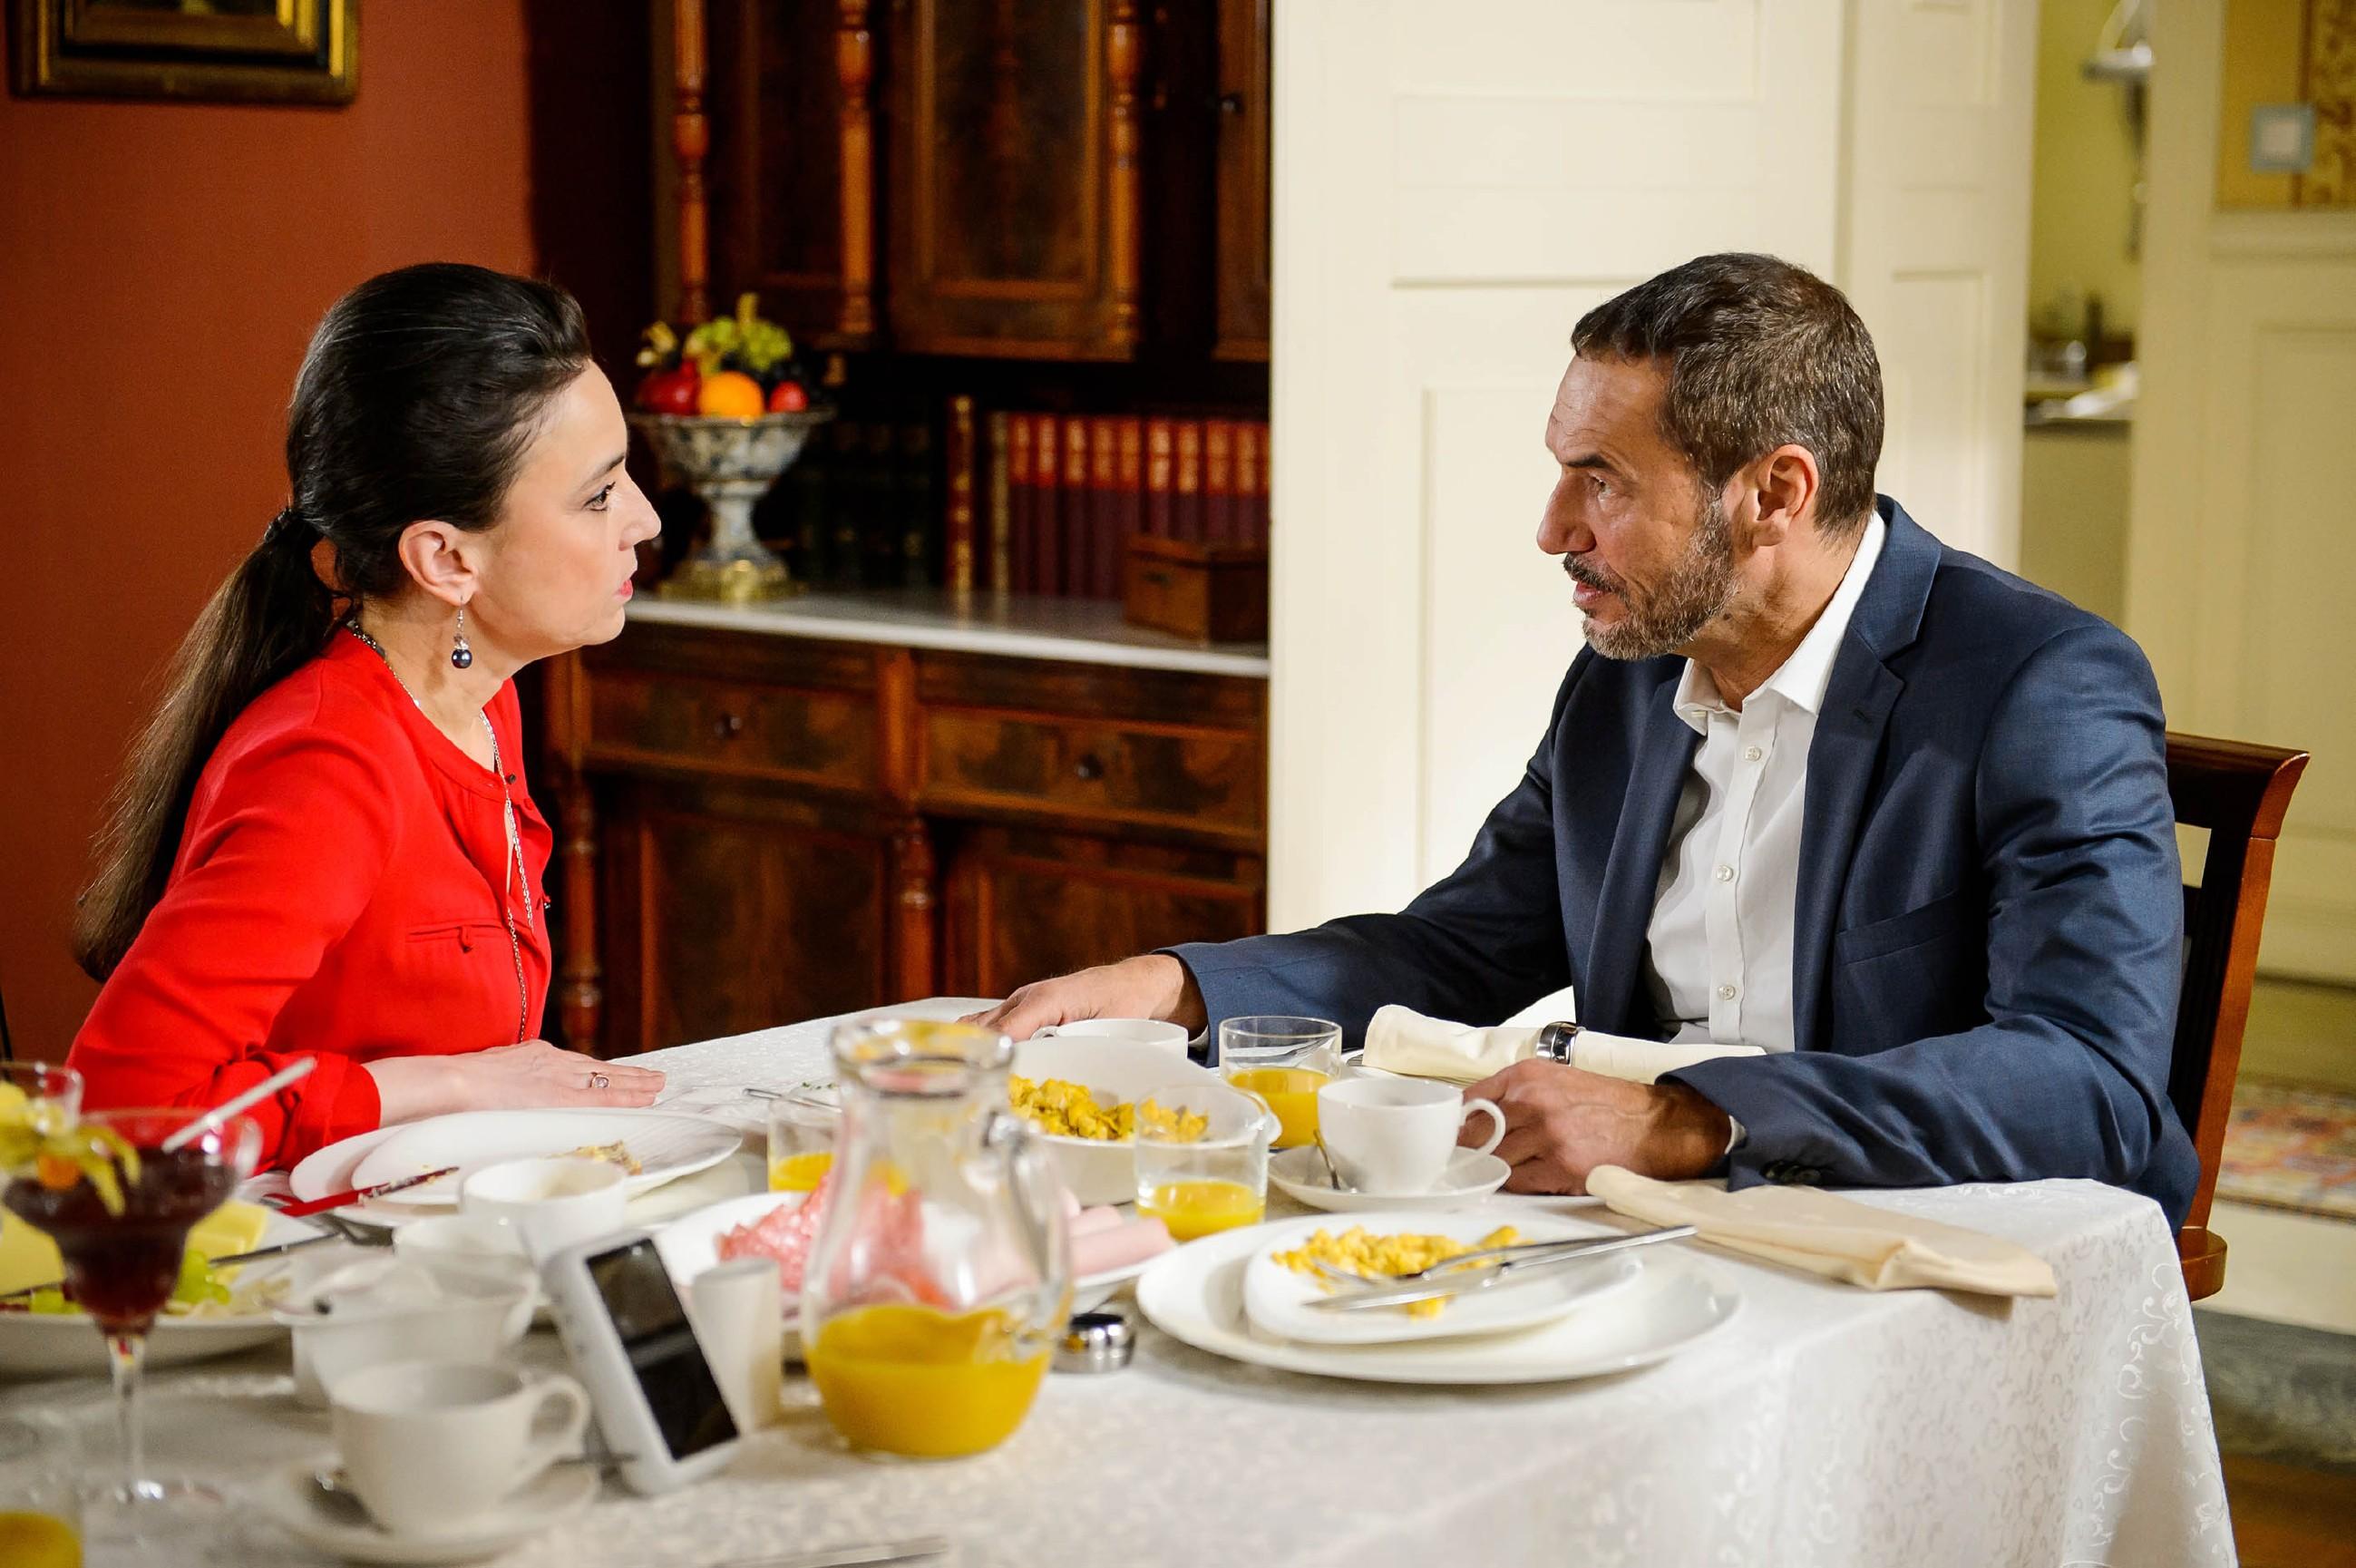 Als Richard (Silvan-Pierre Leirich) Simone (Tatjana Clasing) in Maximilians V-Mann Tätigkeit einweiht, ist diese überzeugt, dass Maximilian Vincent zu Unrecht beschuldigt.